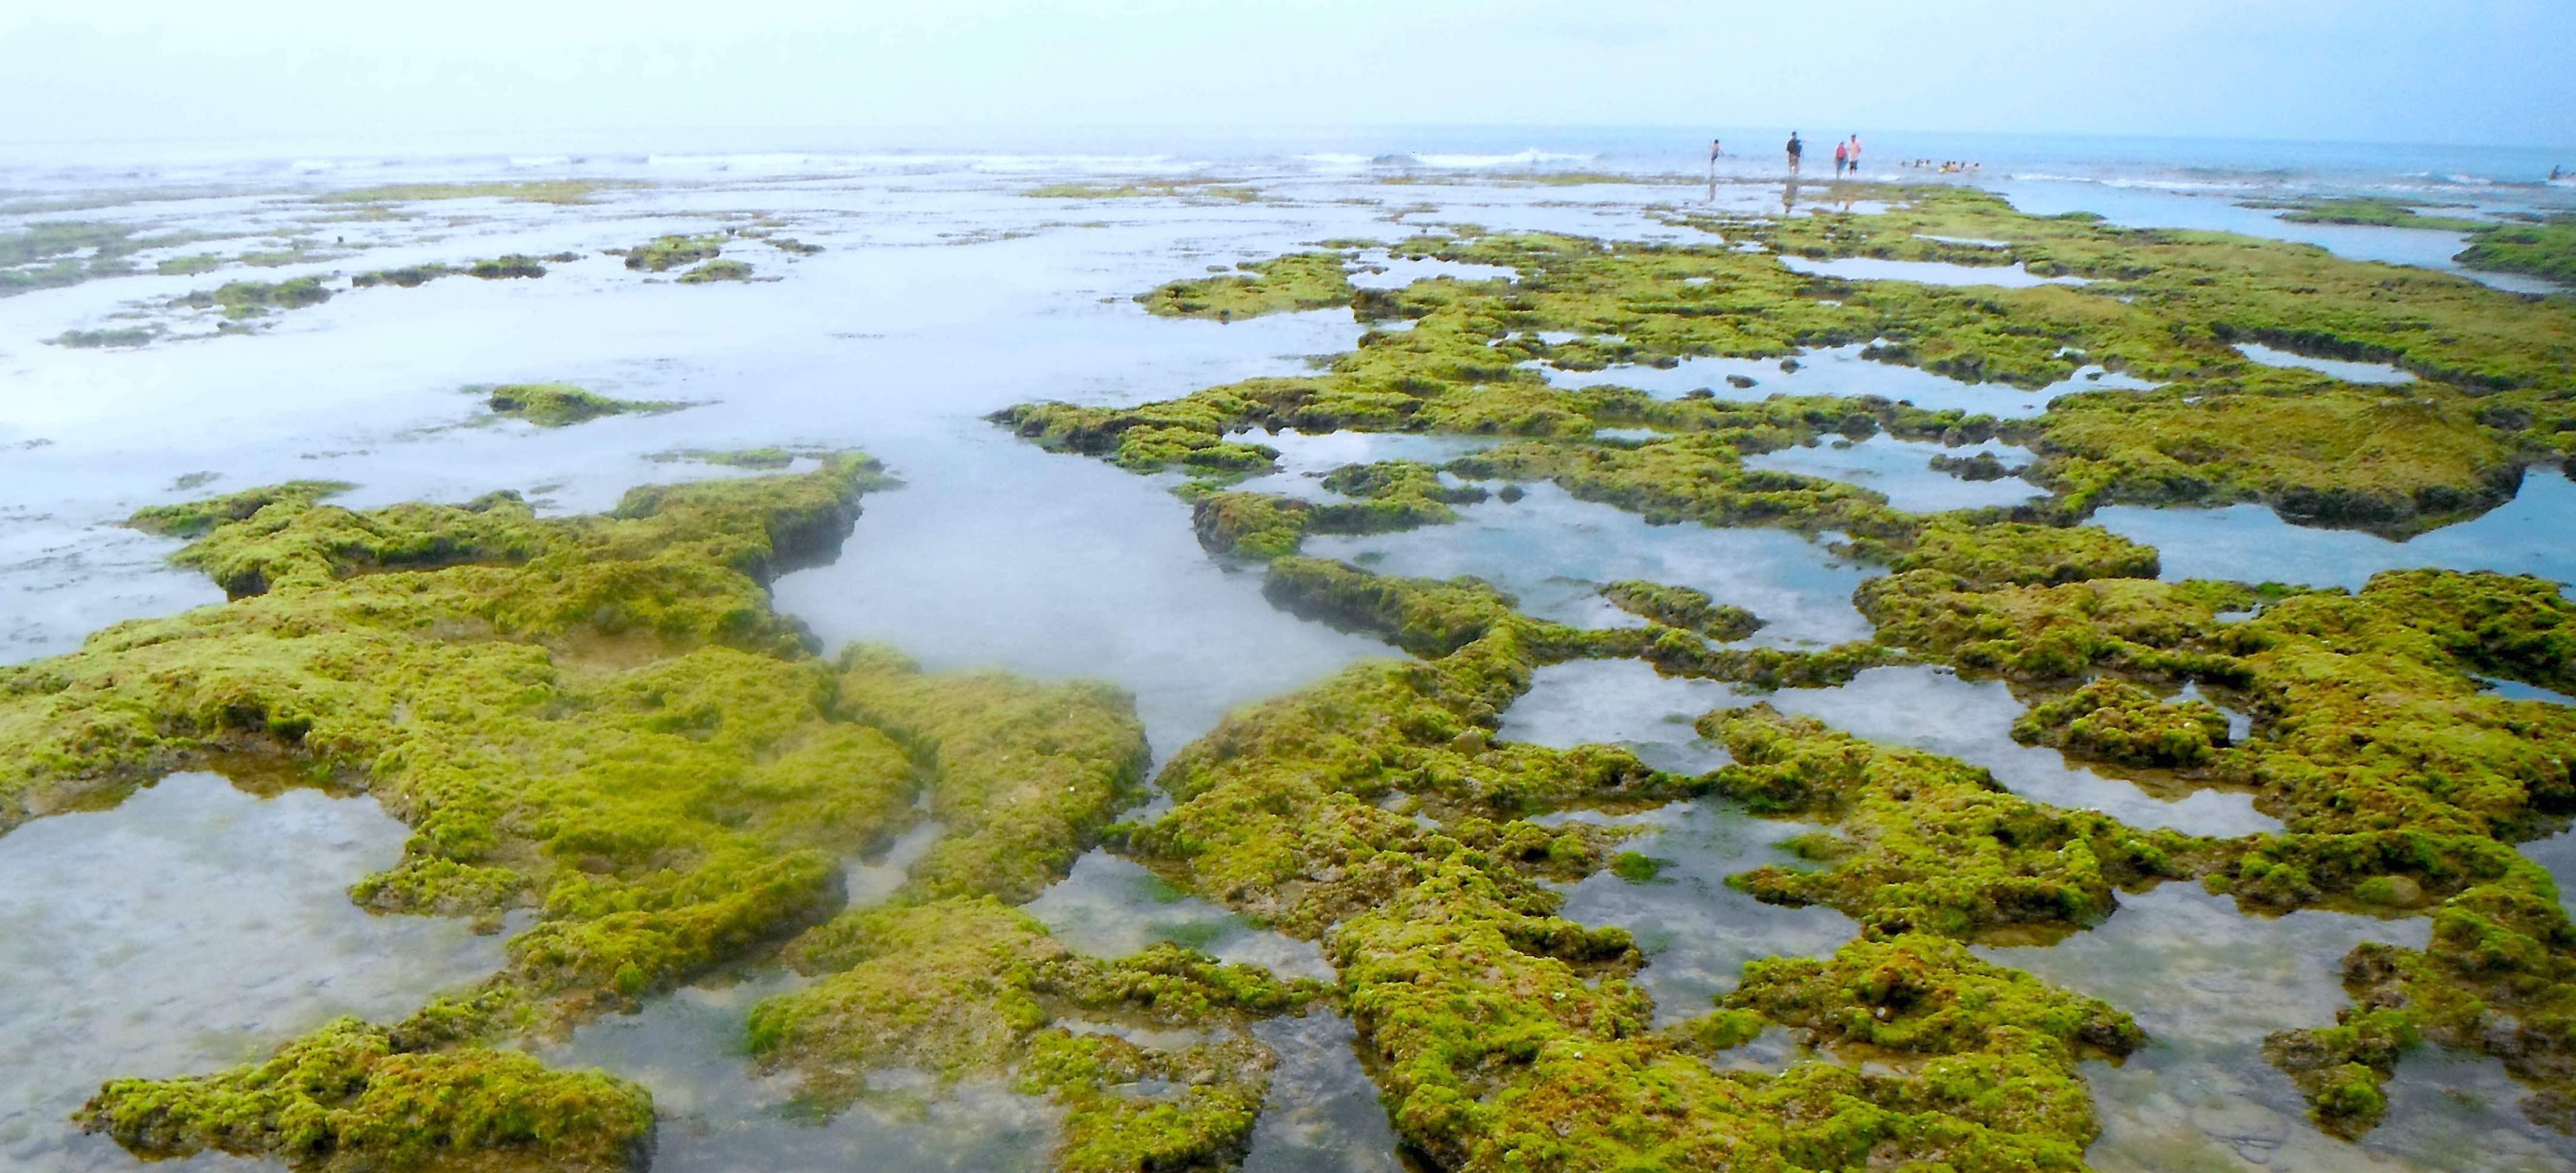 Autio maisema. Sammalta vedenpinnan yläpuolella. Etäisyydessä ihmisiä, katoava horisontti ja vaaleansininen taivas.